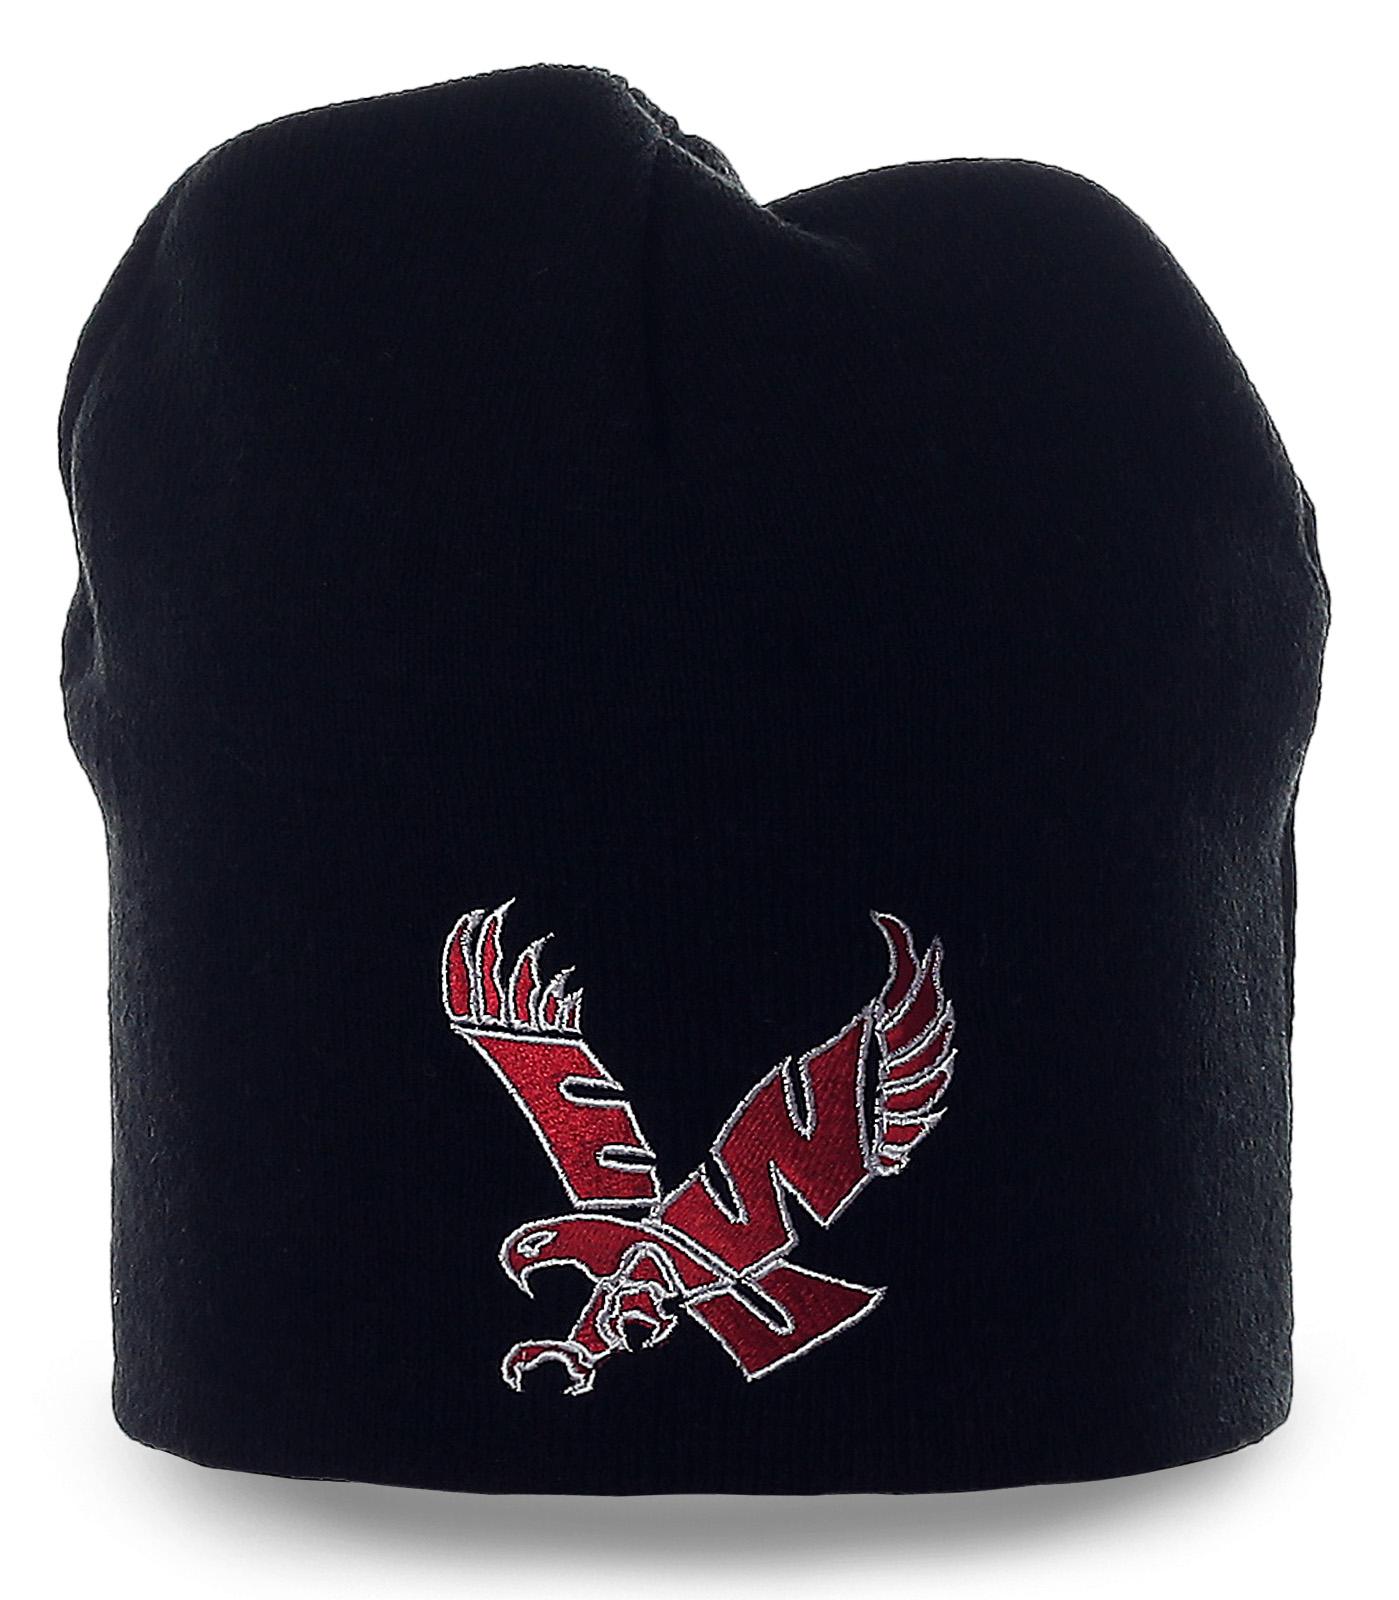 Уникальная черная шапка с броской вышивкой для мужчин со вкусом